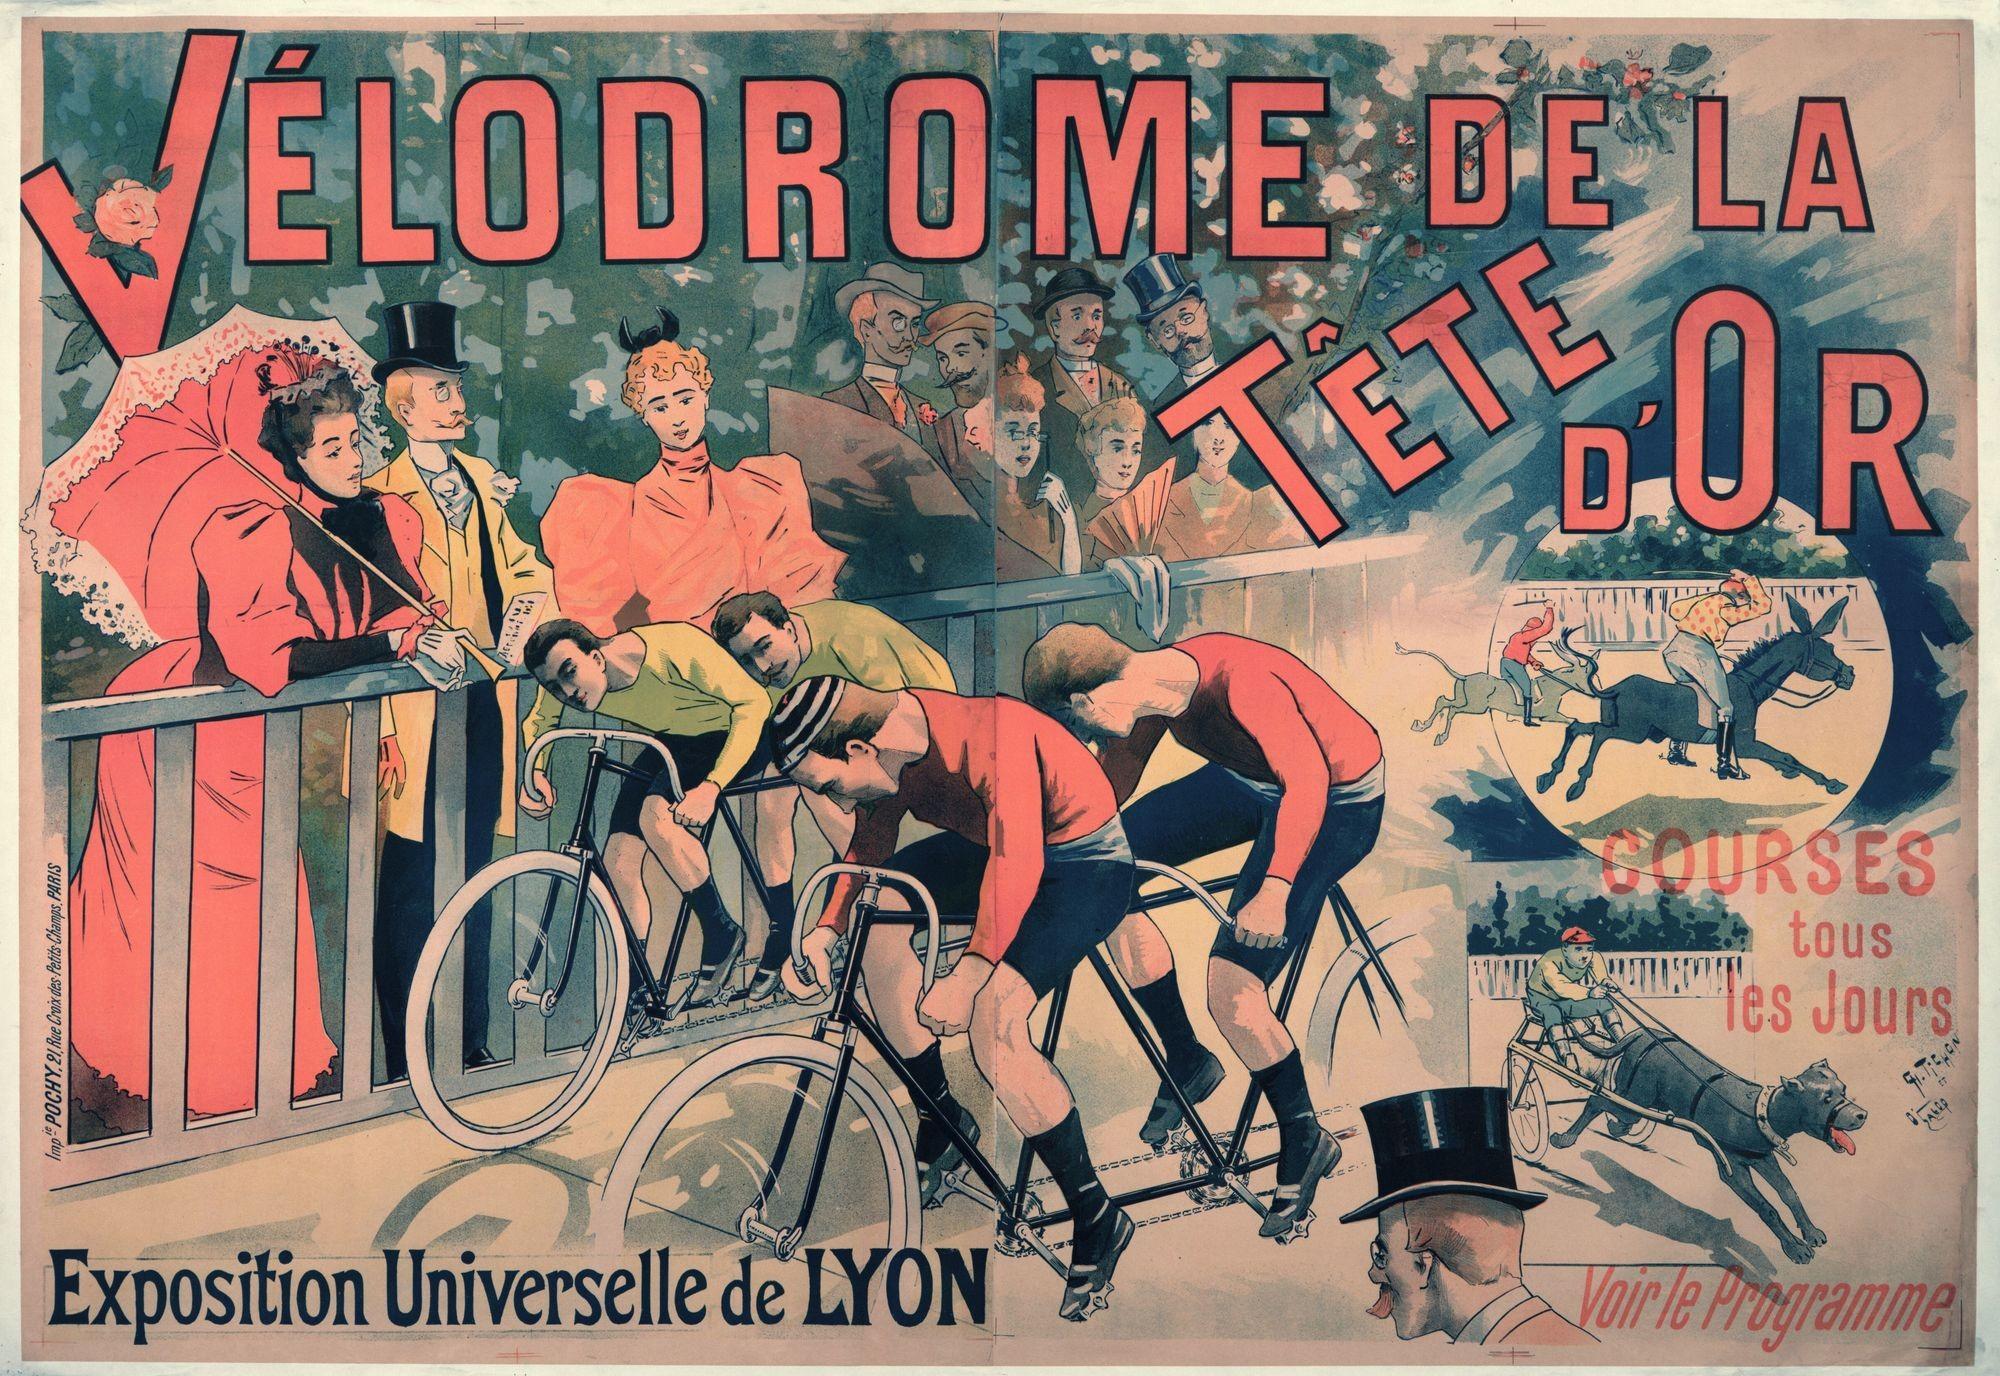 Affiche pour le vélodrome du parc de la Tête d'or à Lyon, 1894, Archives municipales de Lyon.